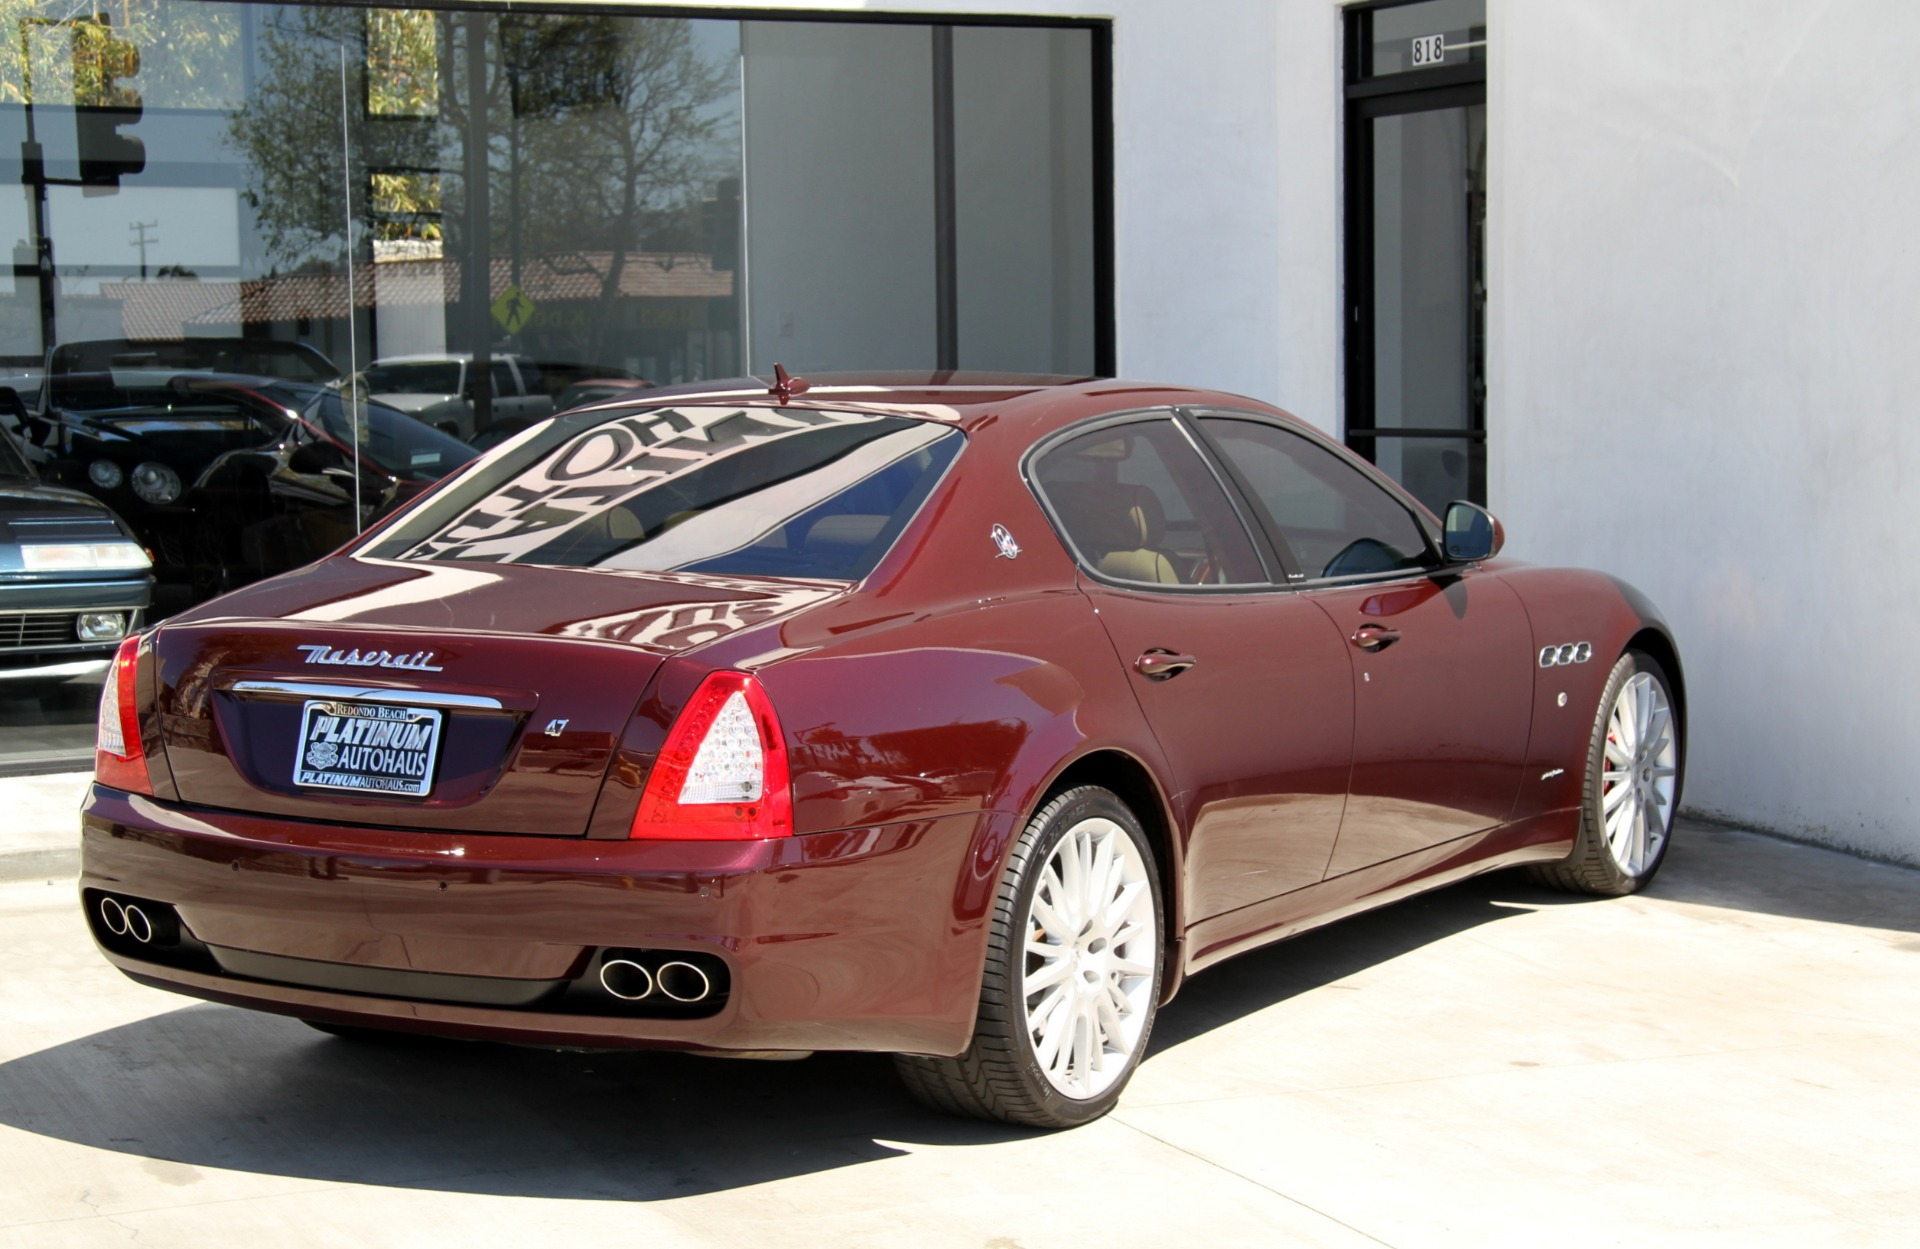 2011 Maserati Quattroporte S Stock # 6138 for sale near ...